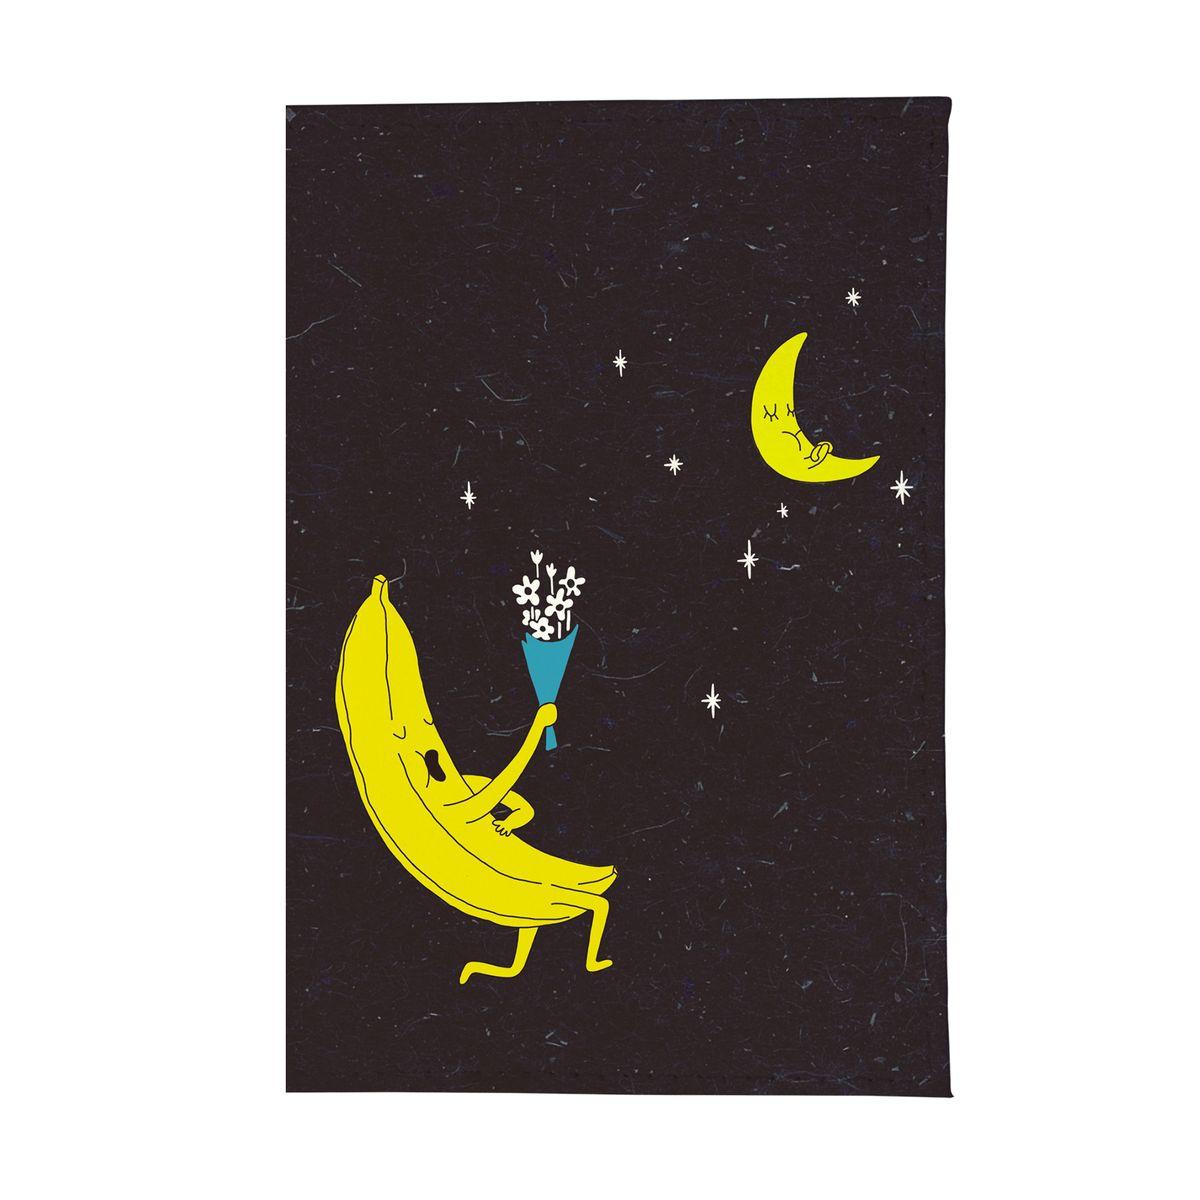 Обложка для паспорта Влюбленный банан. OZAM258ПВХ (поливинилхлорид)Стильная обложка для автодокументов Mitya Veselkov не только поможет сохранить внешний вид ваших документов и защитить их от повреждений, но и станет стильным аксессуаром, идеально подходящим вашему образу.Она выполнена из ПВХ, внутри имеет съемный вкладыш, состоящий из шести файлов для документов, один из которых формата А5.